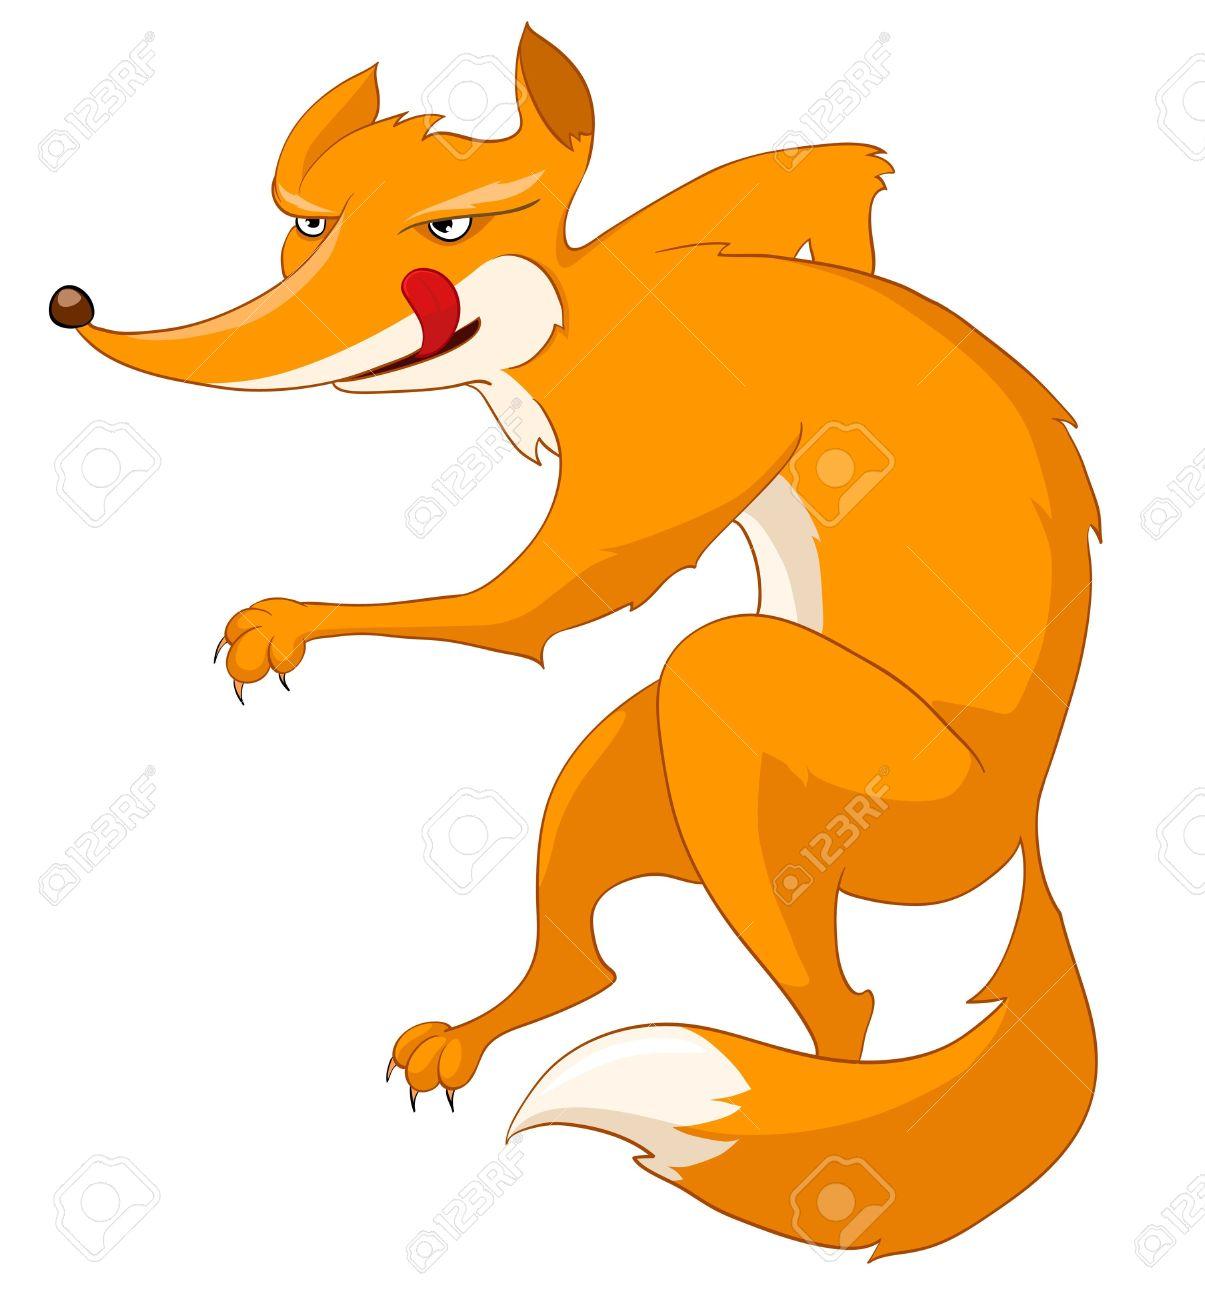 1205x1300 Clip Art Clip Art Of A Fox